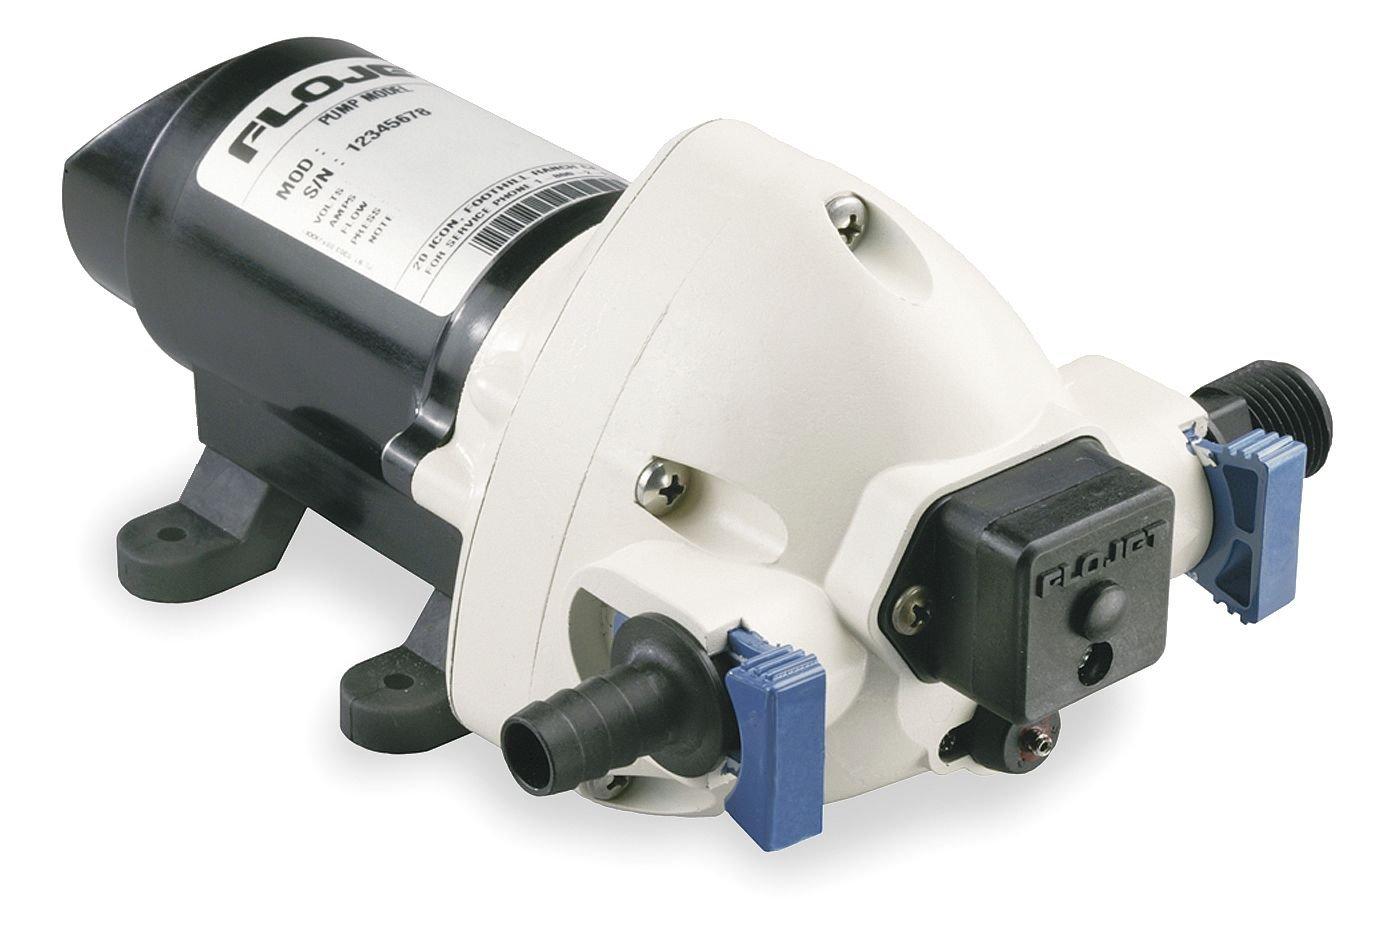 Flojet / Xylem - R3526144A - Diaphragm, Automatic Potable Water Supply Pump, Voltage: 12VDC, Polypropylene